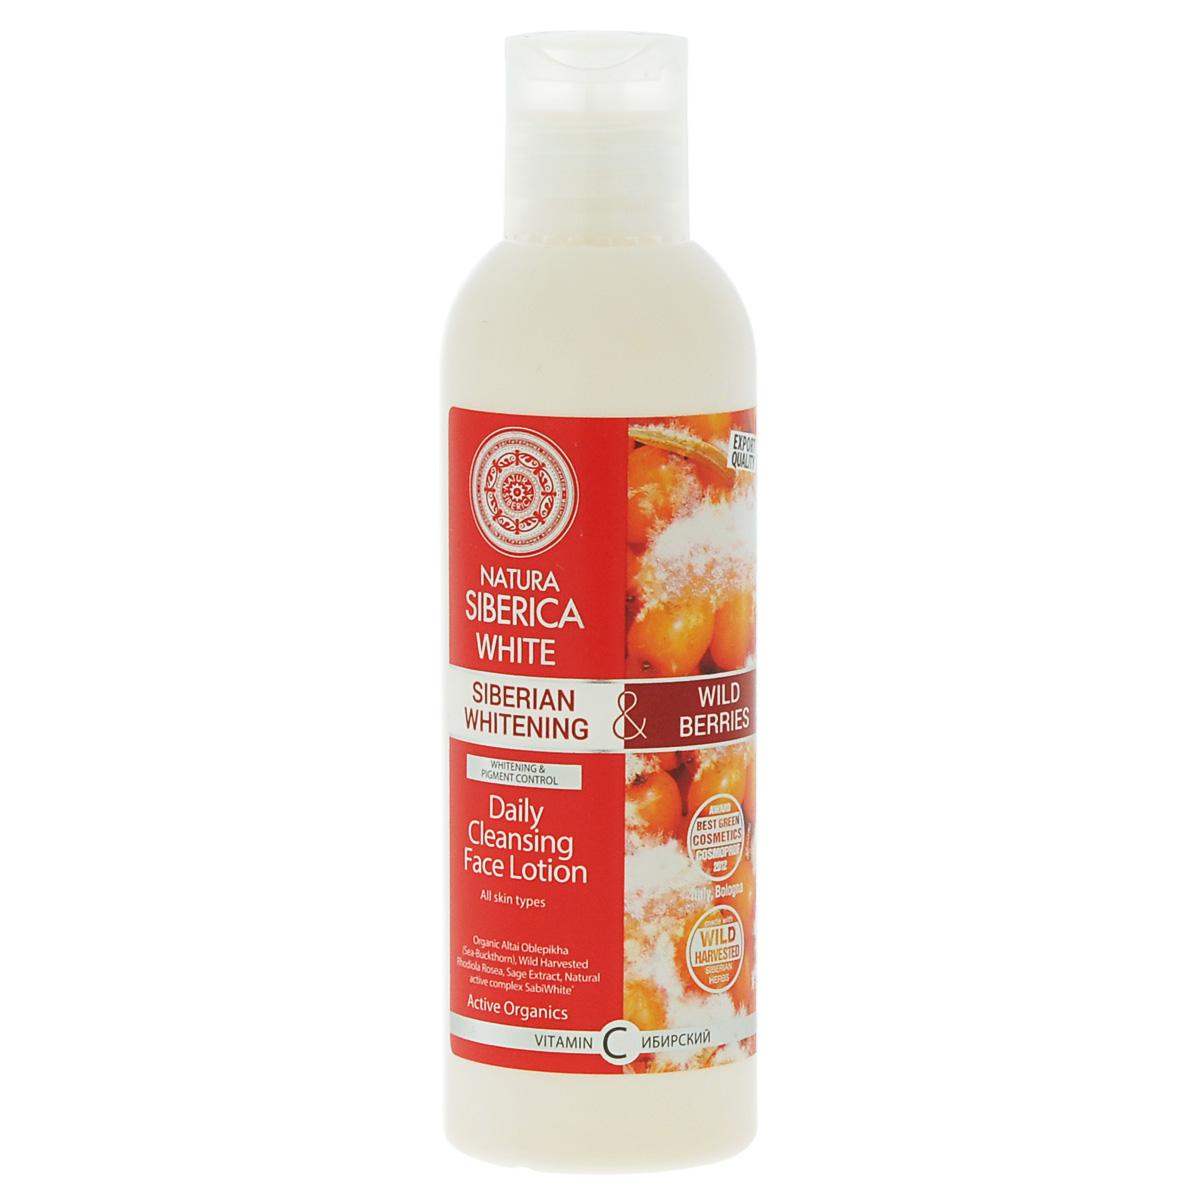 Natura Siberica Отбеливающий лосьон для лица Ежедневное очищение. Облепиха, 200 млБ63003 мятаNatura Siberica Отбеливающий лосьон для лица Ежедневное очищение, 200мл Облепиха. Алтайская облепиха – это исключительный источник витаминов, амино-кислот, Омега - 3,6,9 и редкой Омега – 7, которые отвечают за здоровье и красоту кожи. Облепиха увлажняет, смягчает кожу, осветляя возрастные пятна и веснушки, борется с морщинами и прочими несовершенствами кожи. WH Родиола розовая оказывает омолаживающее действие на кожу, стимулирует обменные процессы, усиливает защитные функции кожи и устойчивость к окружающим факторам и насыщает кожу витаминами. Она смягчаяет и выравнивает кожу и способствует ее омоложению. Шалфей снимает раздражение, смягчает кожу и улучшает ее внешний вид. SabiWhite®- запатентованный натуральный активный экстракт из корня куркумы, обладающий подтвержденными осветляющими свойствами:•Визуально осветляет гиперпигментацию;•Осветляет/убирает веснушки, акне и прочие несовершенства кожи;•Заметно осветляет тон кожи;•Значительно улучшает эластичность кожи;•Глубоко питает кожу, придавая ей сияние и ровный тон